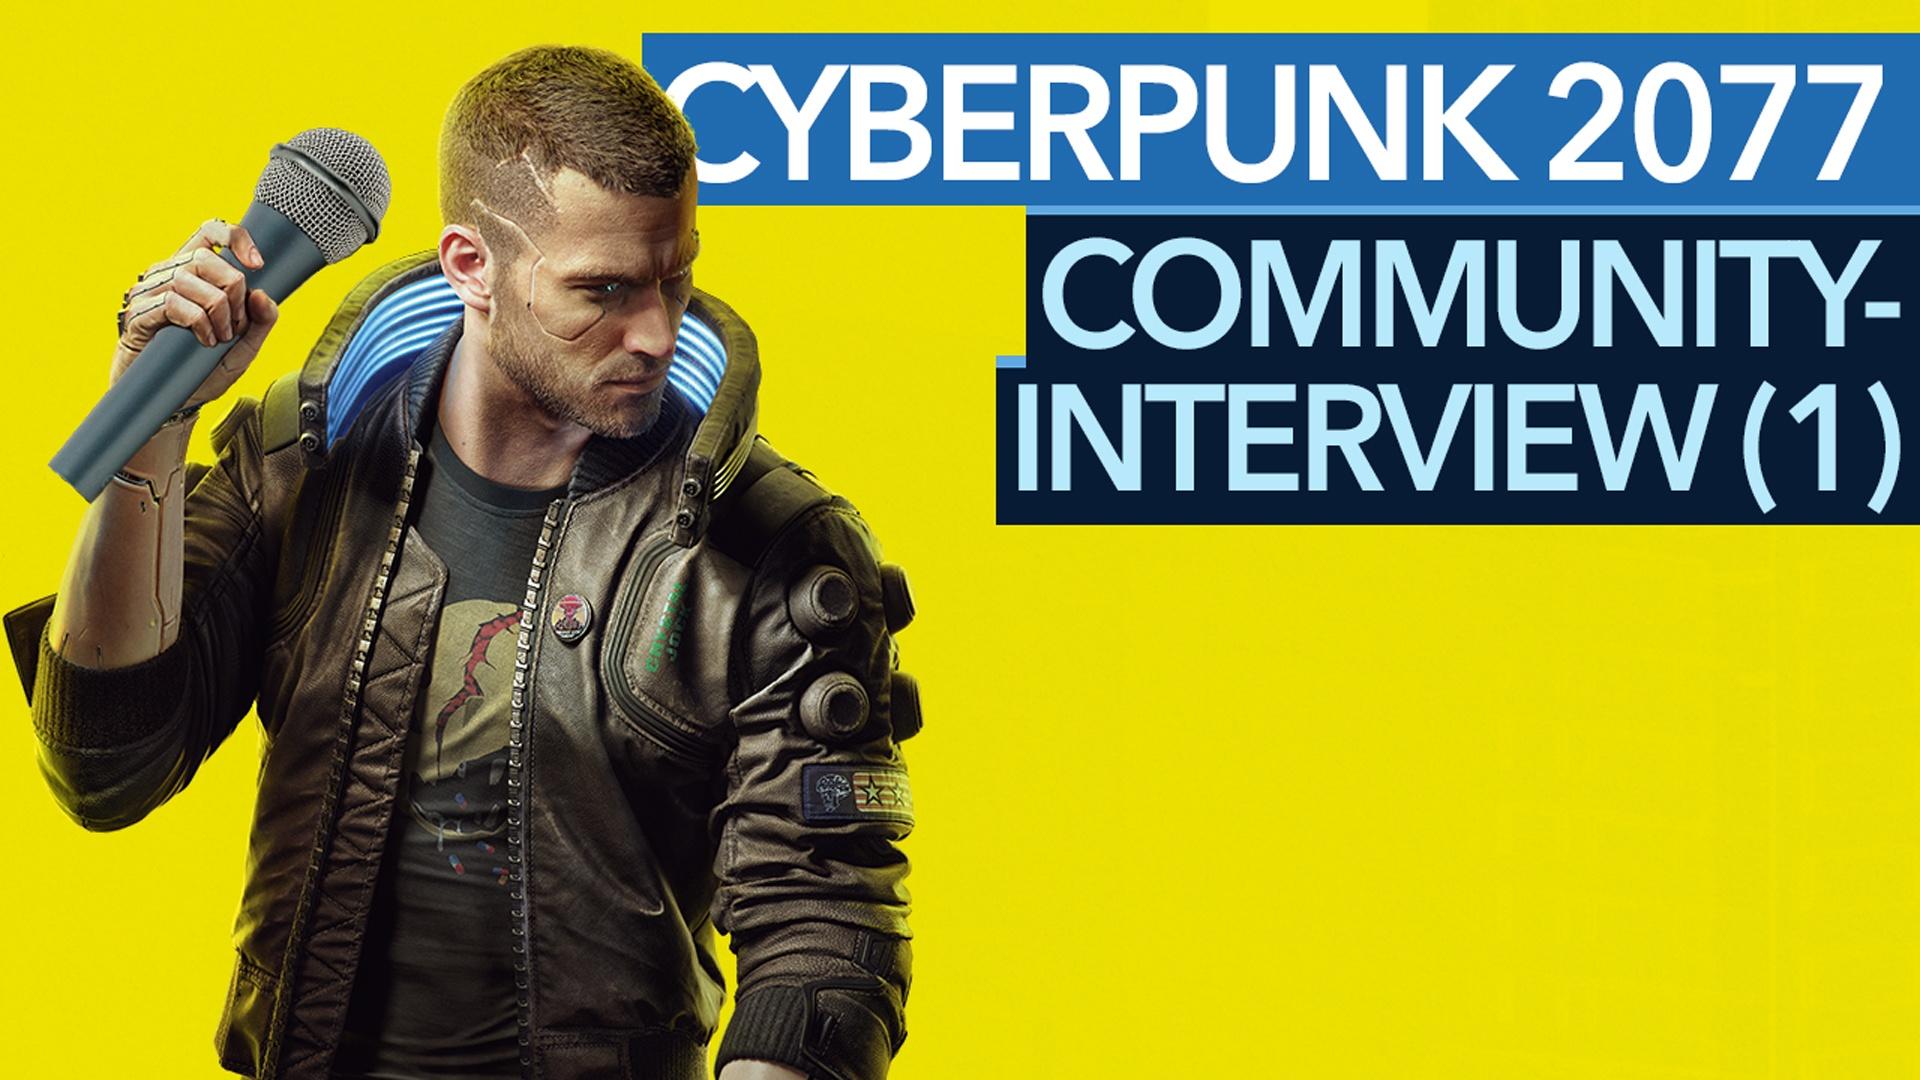 »Die ultimative Rollenspiel-Erfahrung« - Community-Interview mit CD Projekt, Teil 1